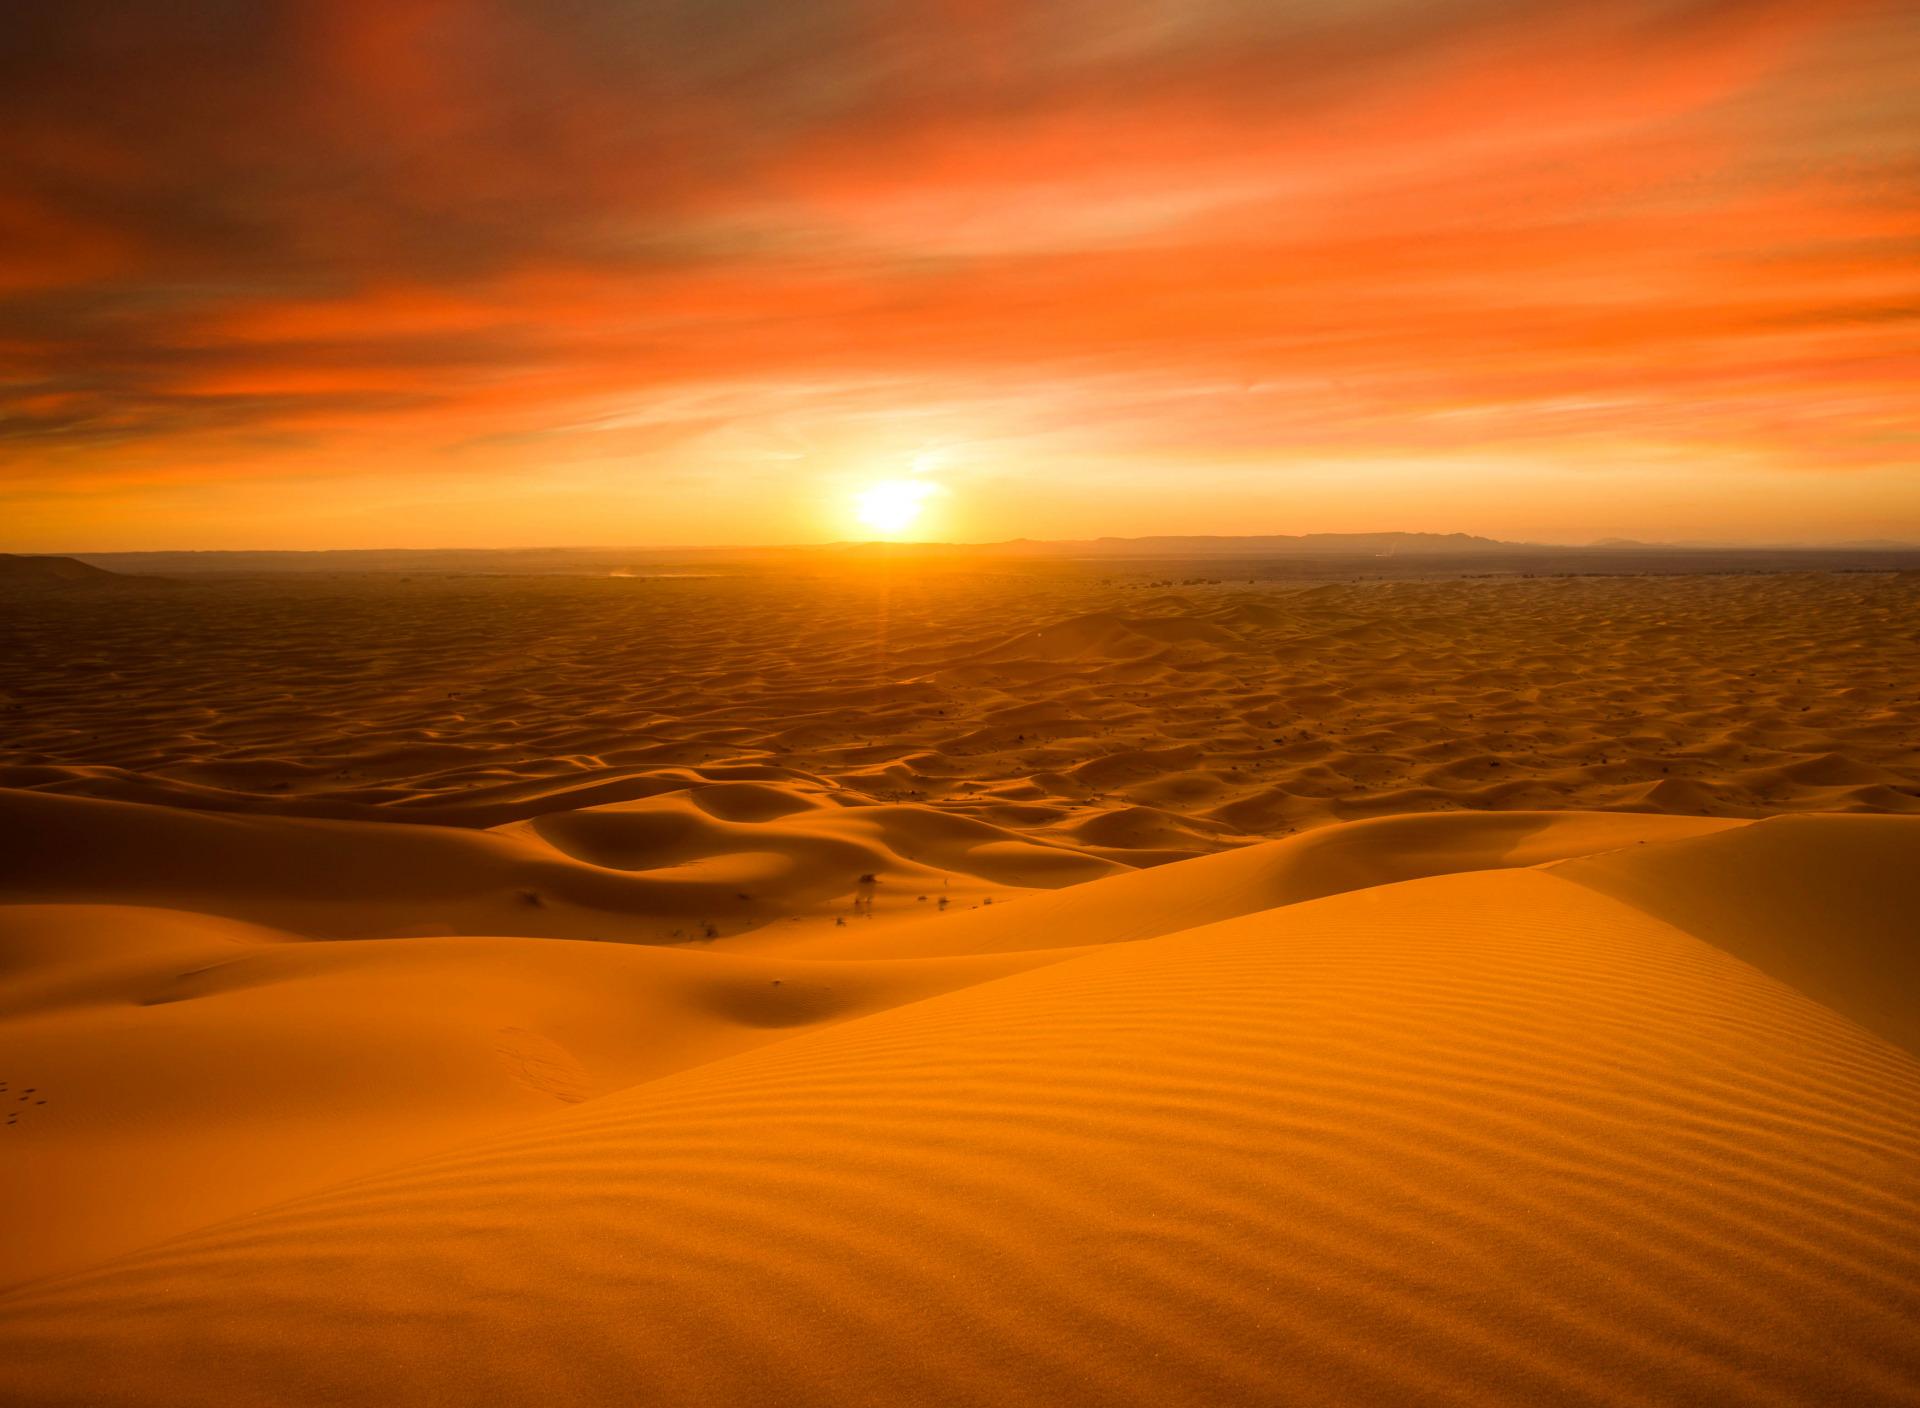 мной, следуя фотографии восхода солнца в пустыне ошибиться было сложно